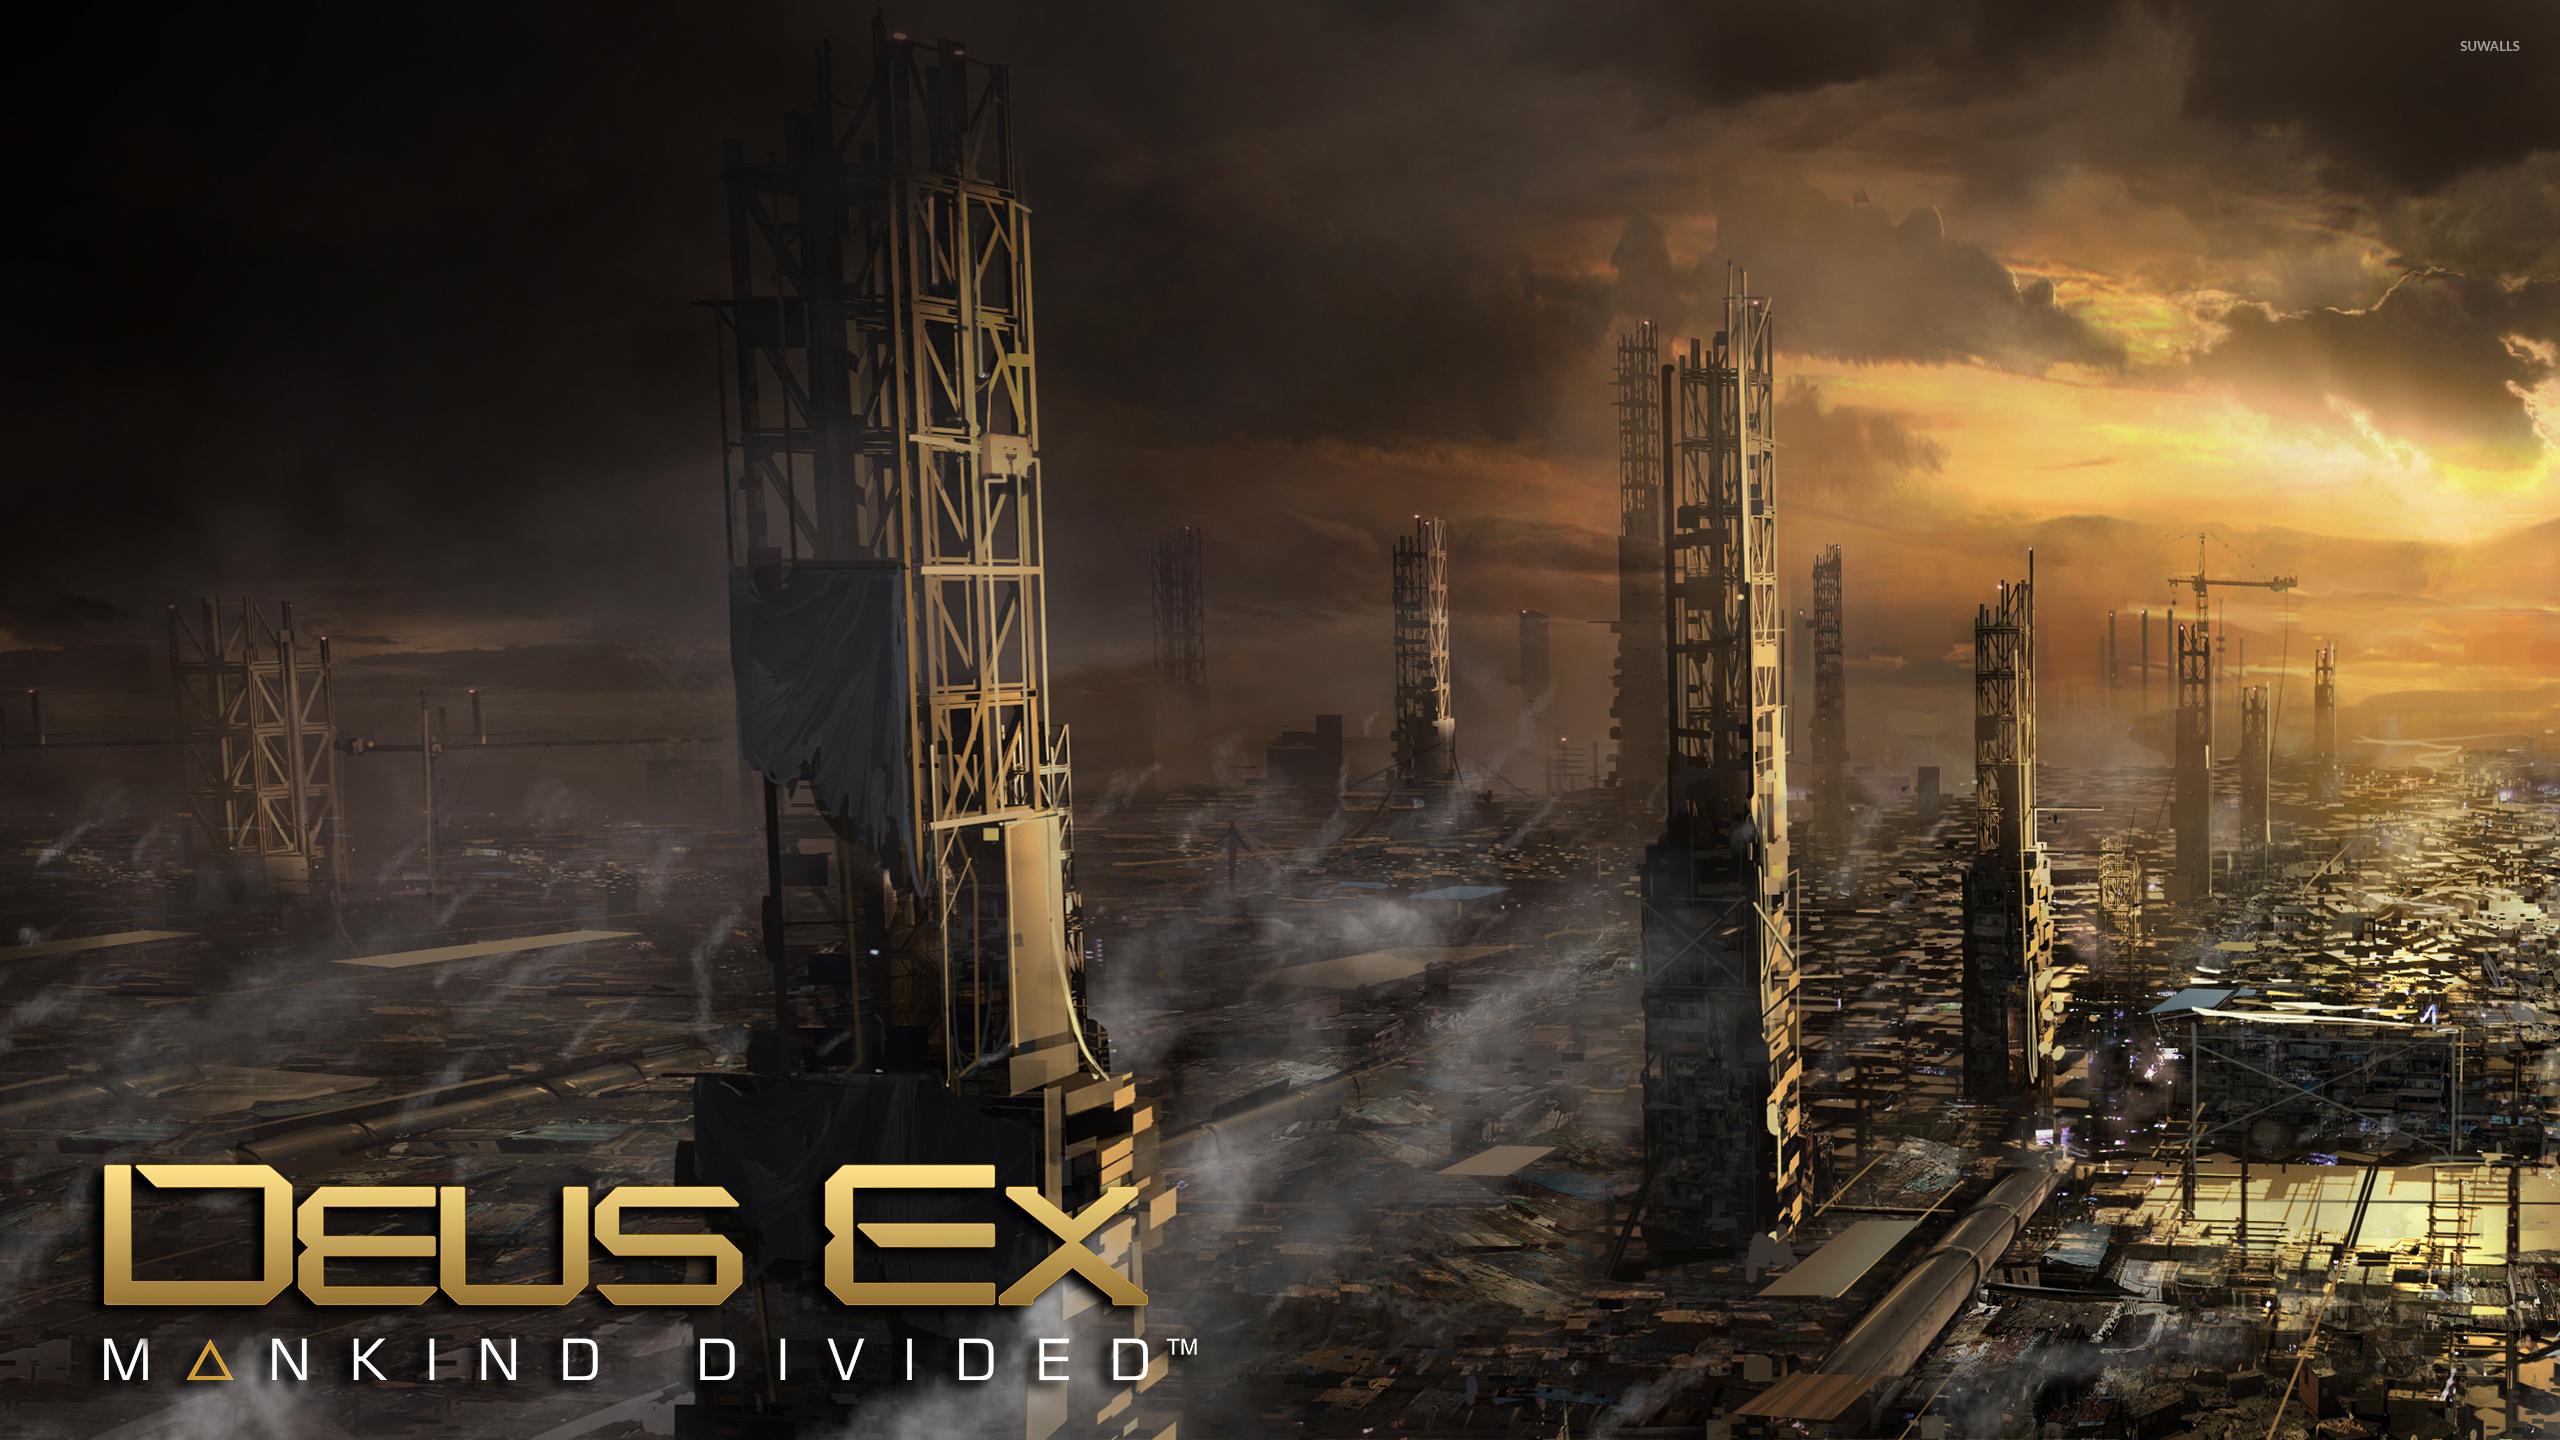 Golden Sunset In Deus Ex Mankind Divided Wallpaper